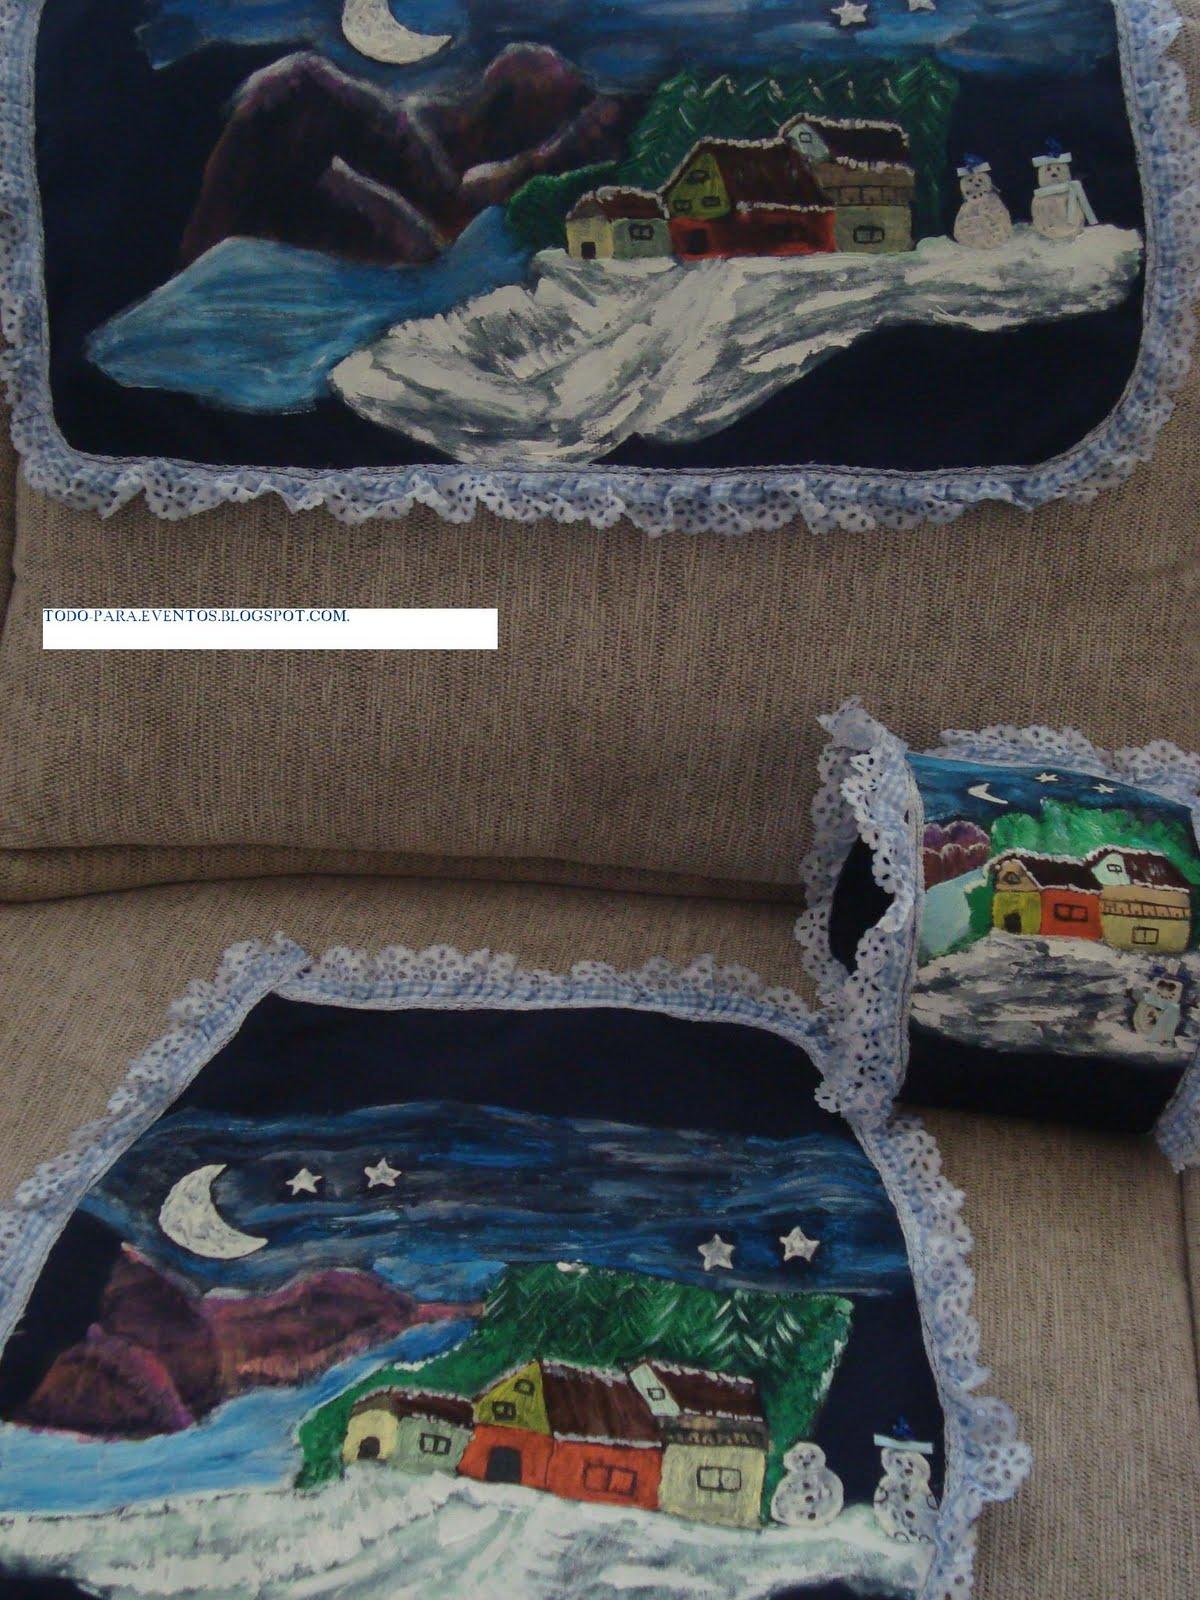 Juego De Baño Navideno Azul:Todo Para Eventos: diciembre 2011